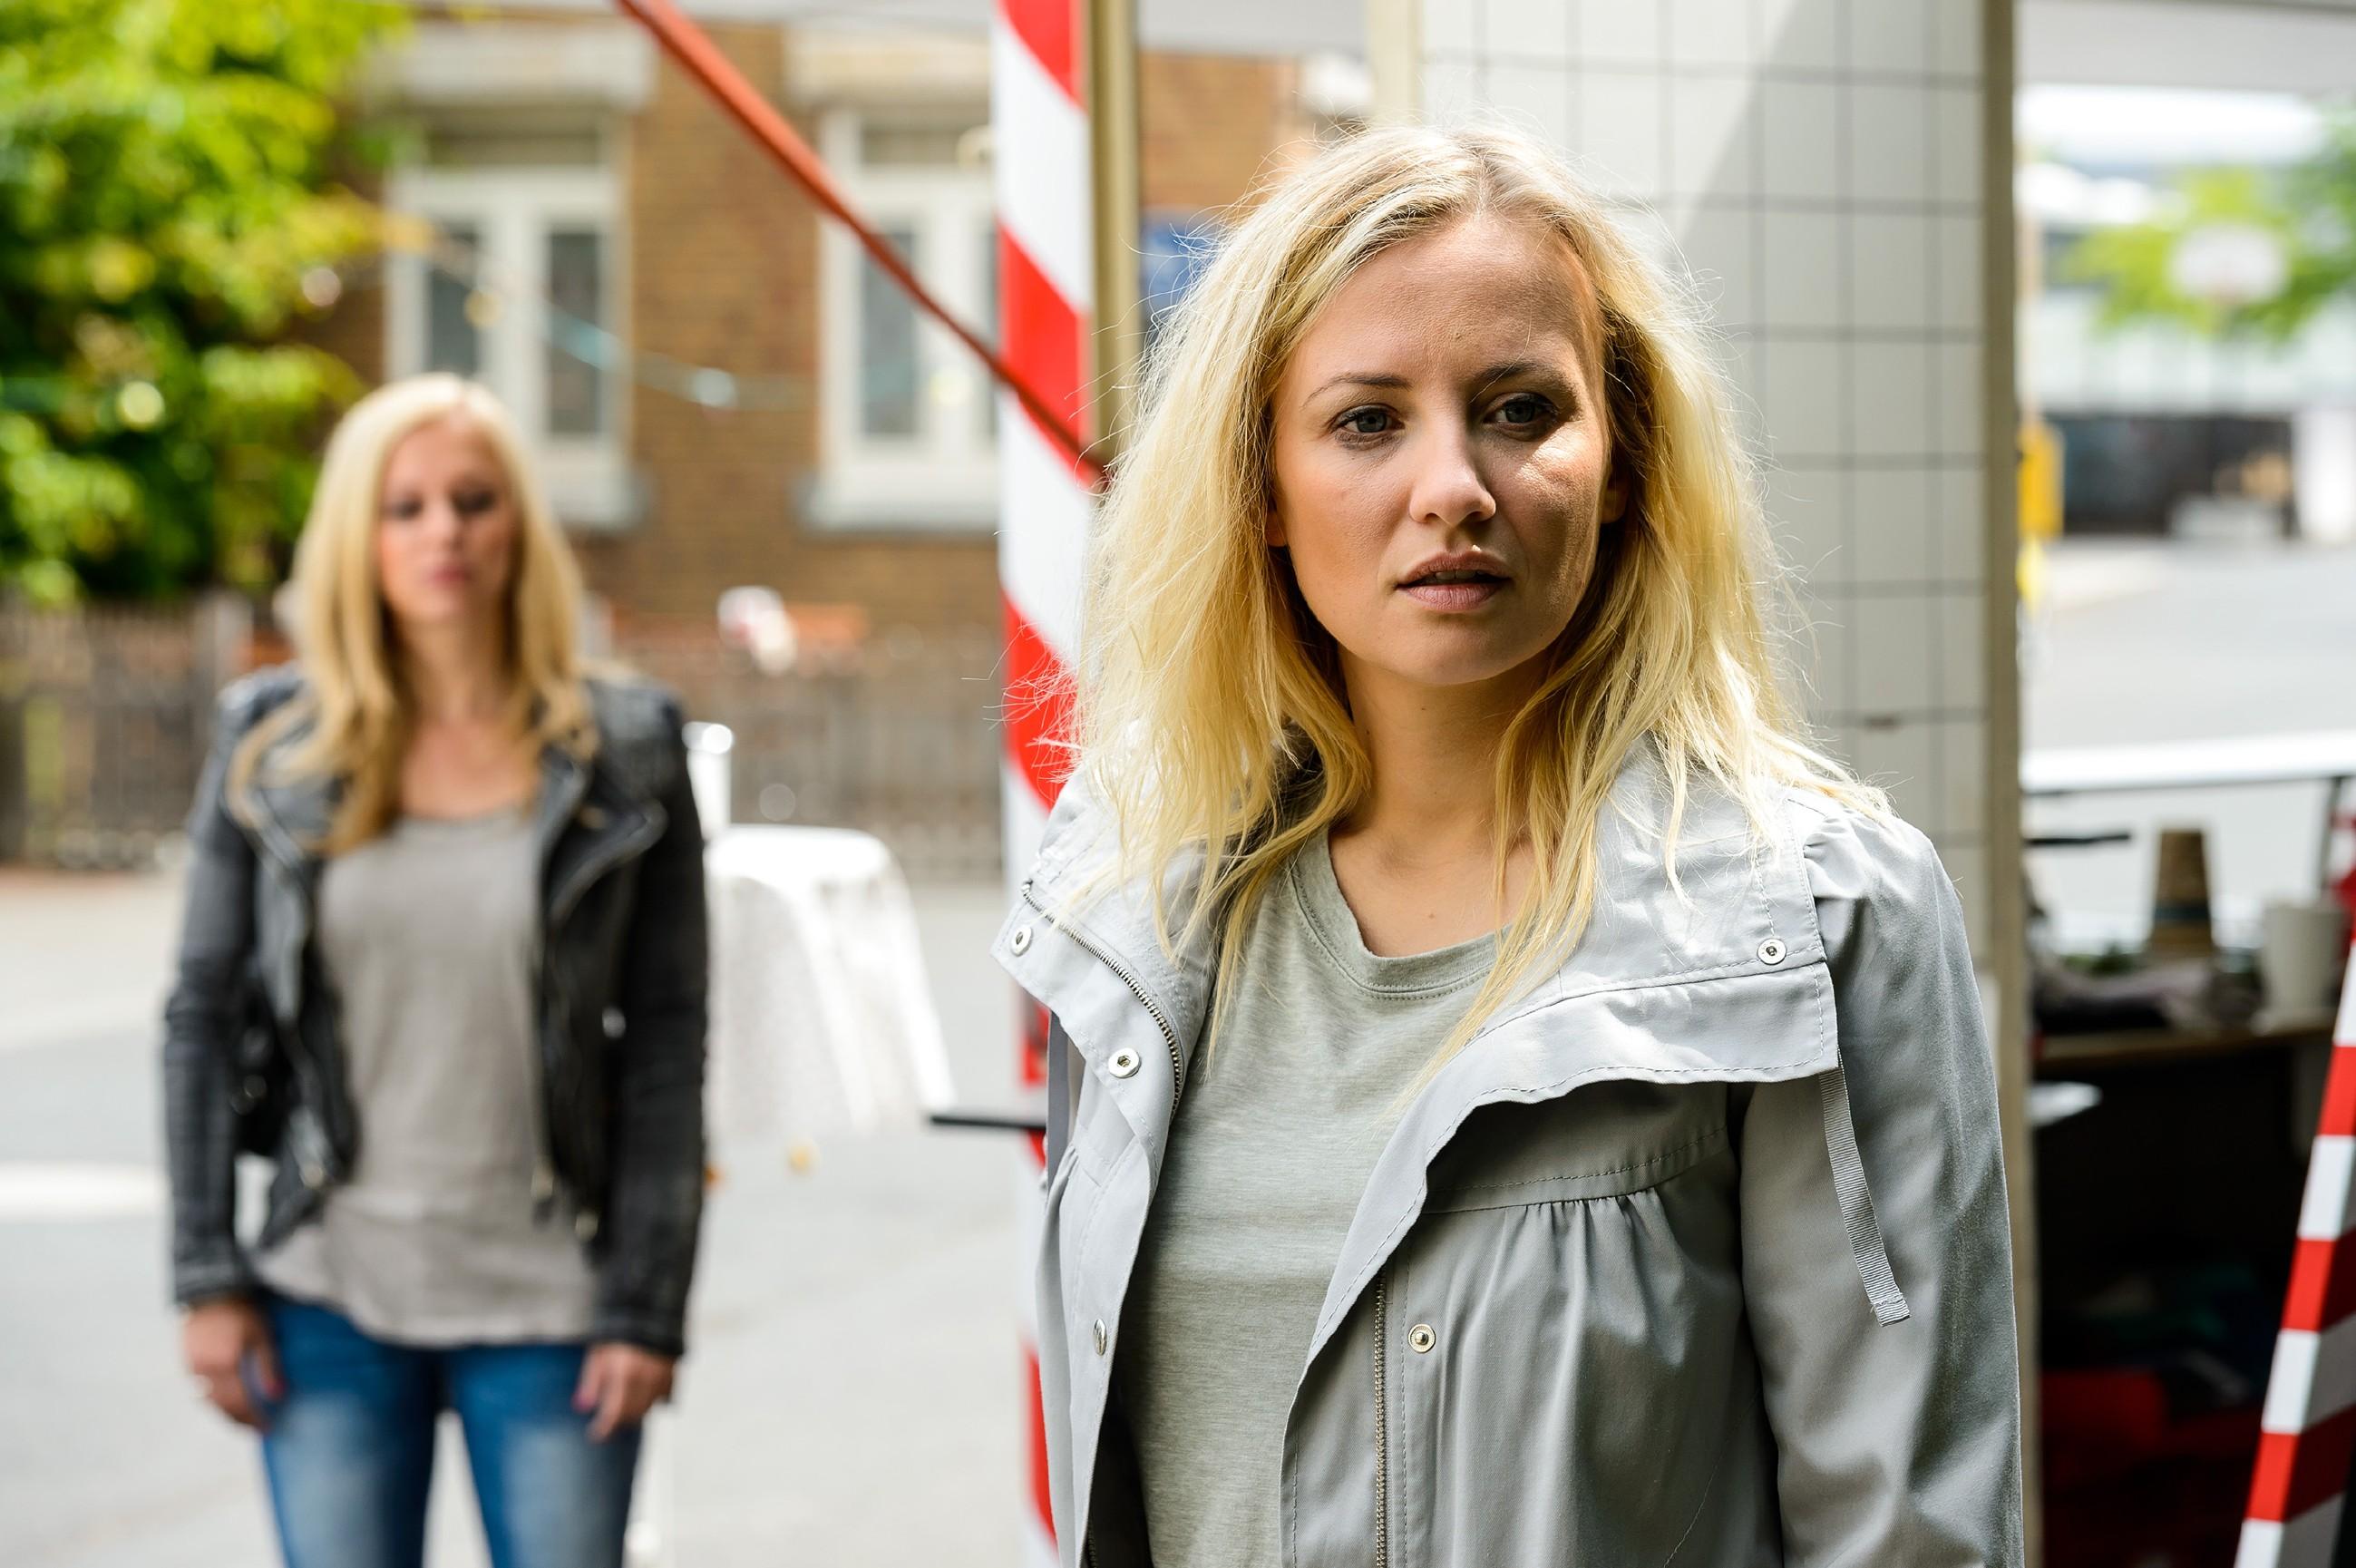 Lena (Juliette Greco, l.) trifft auf die völlig aufgelöste Isabelle (Ania Niedieck) und versucht ihr Mut zu machen.